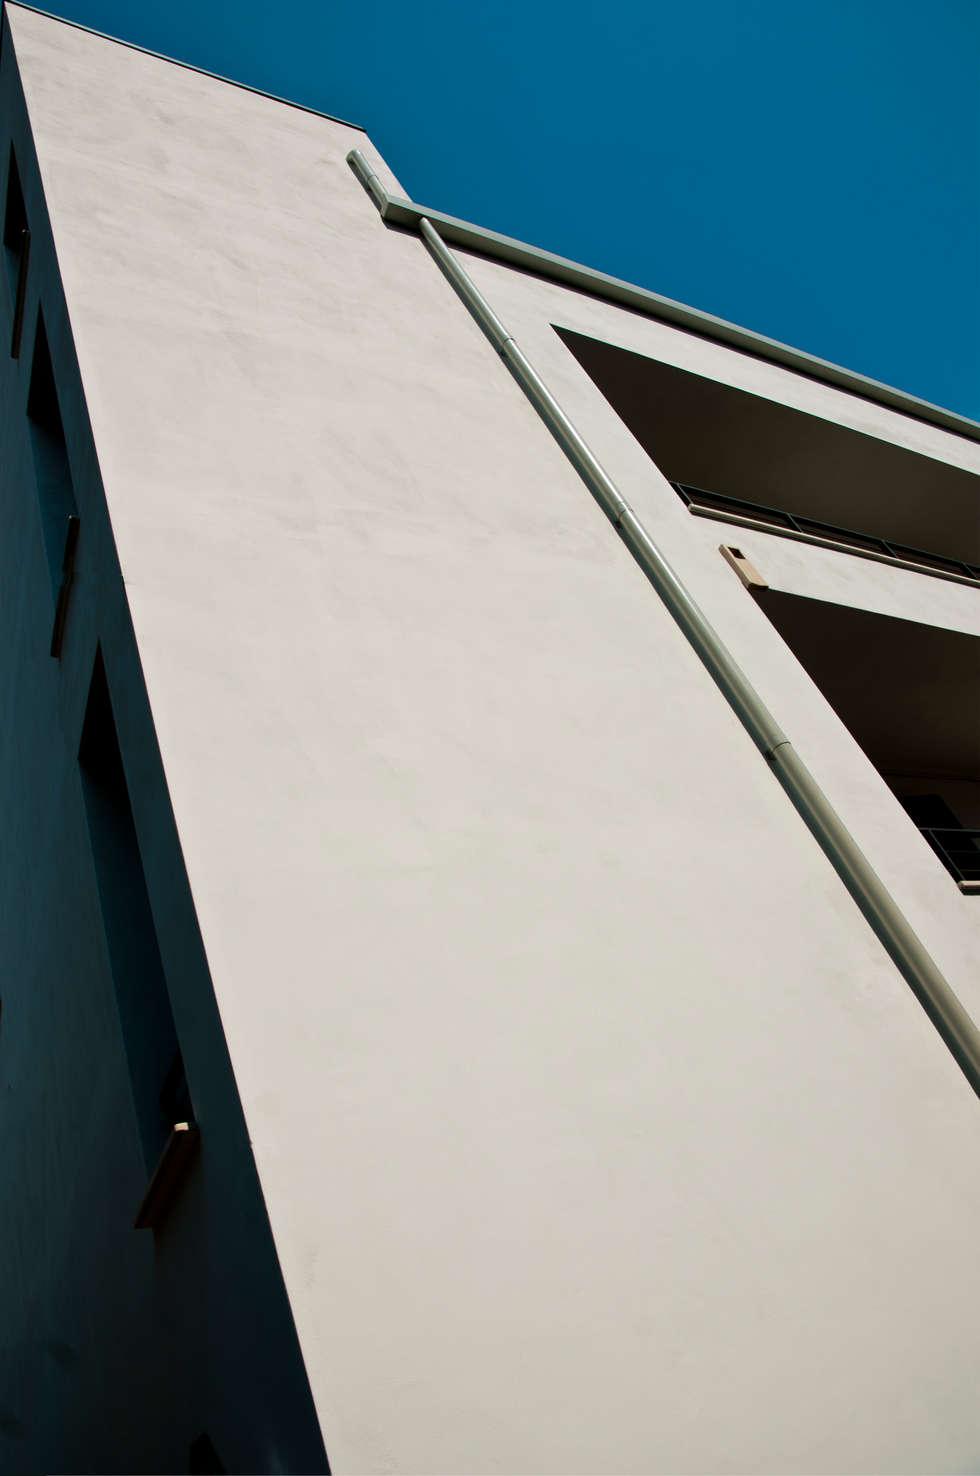 Casa mediterranea in città razionalista: Case in stile in stile Mediterraneo di Bianca Coggi Architetto